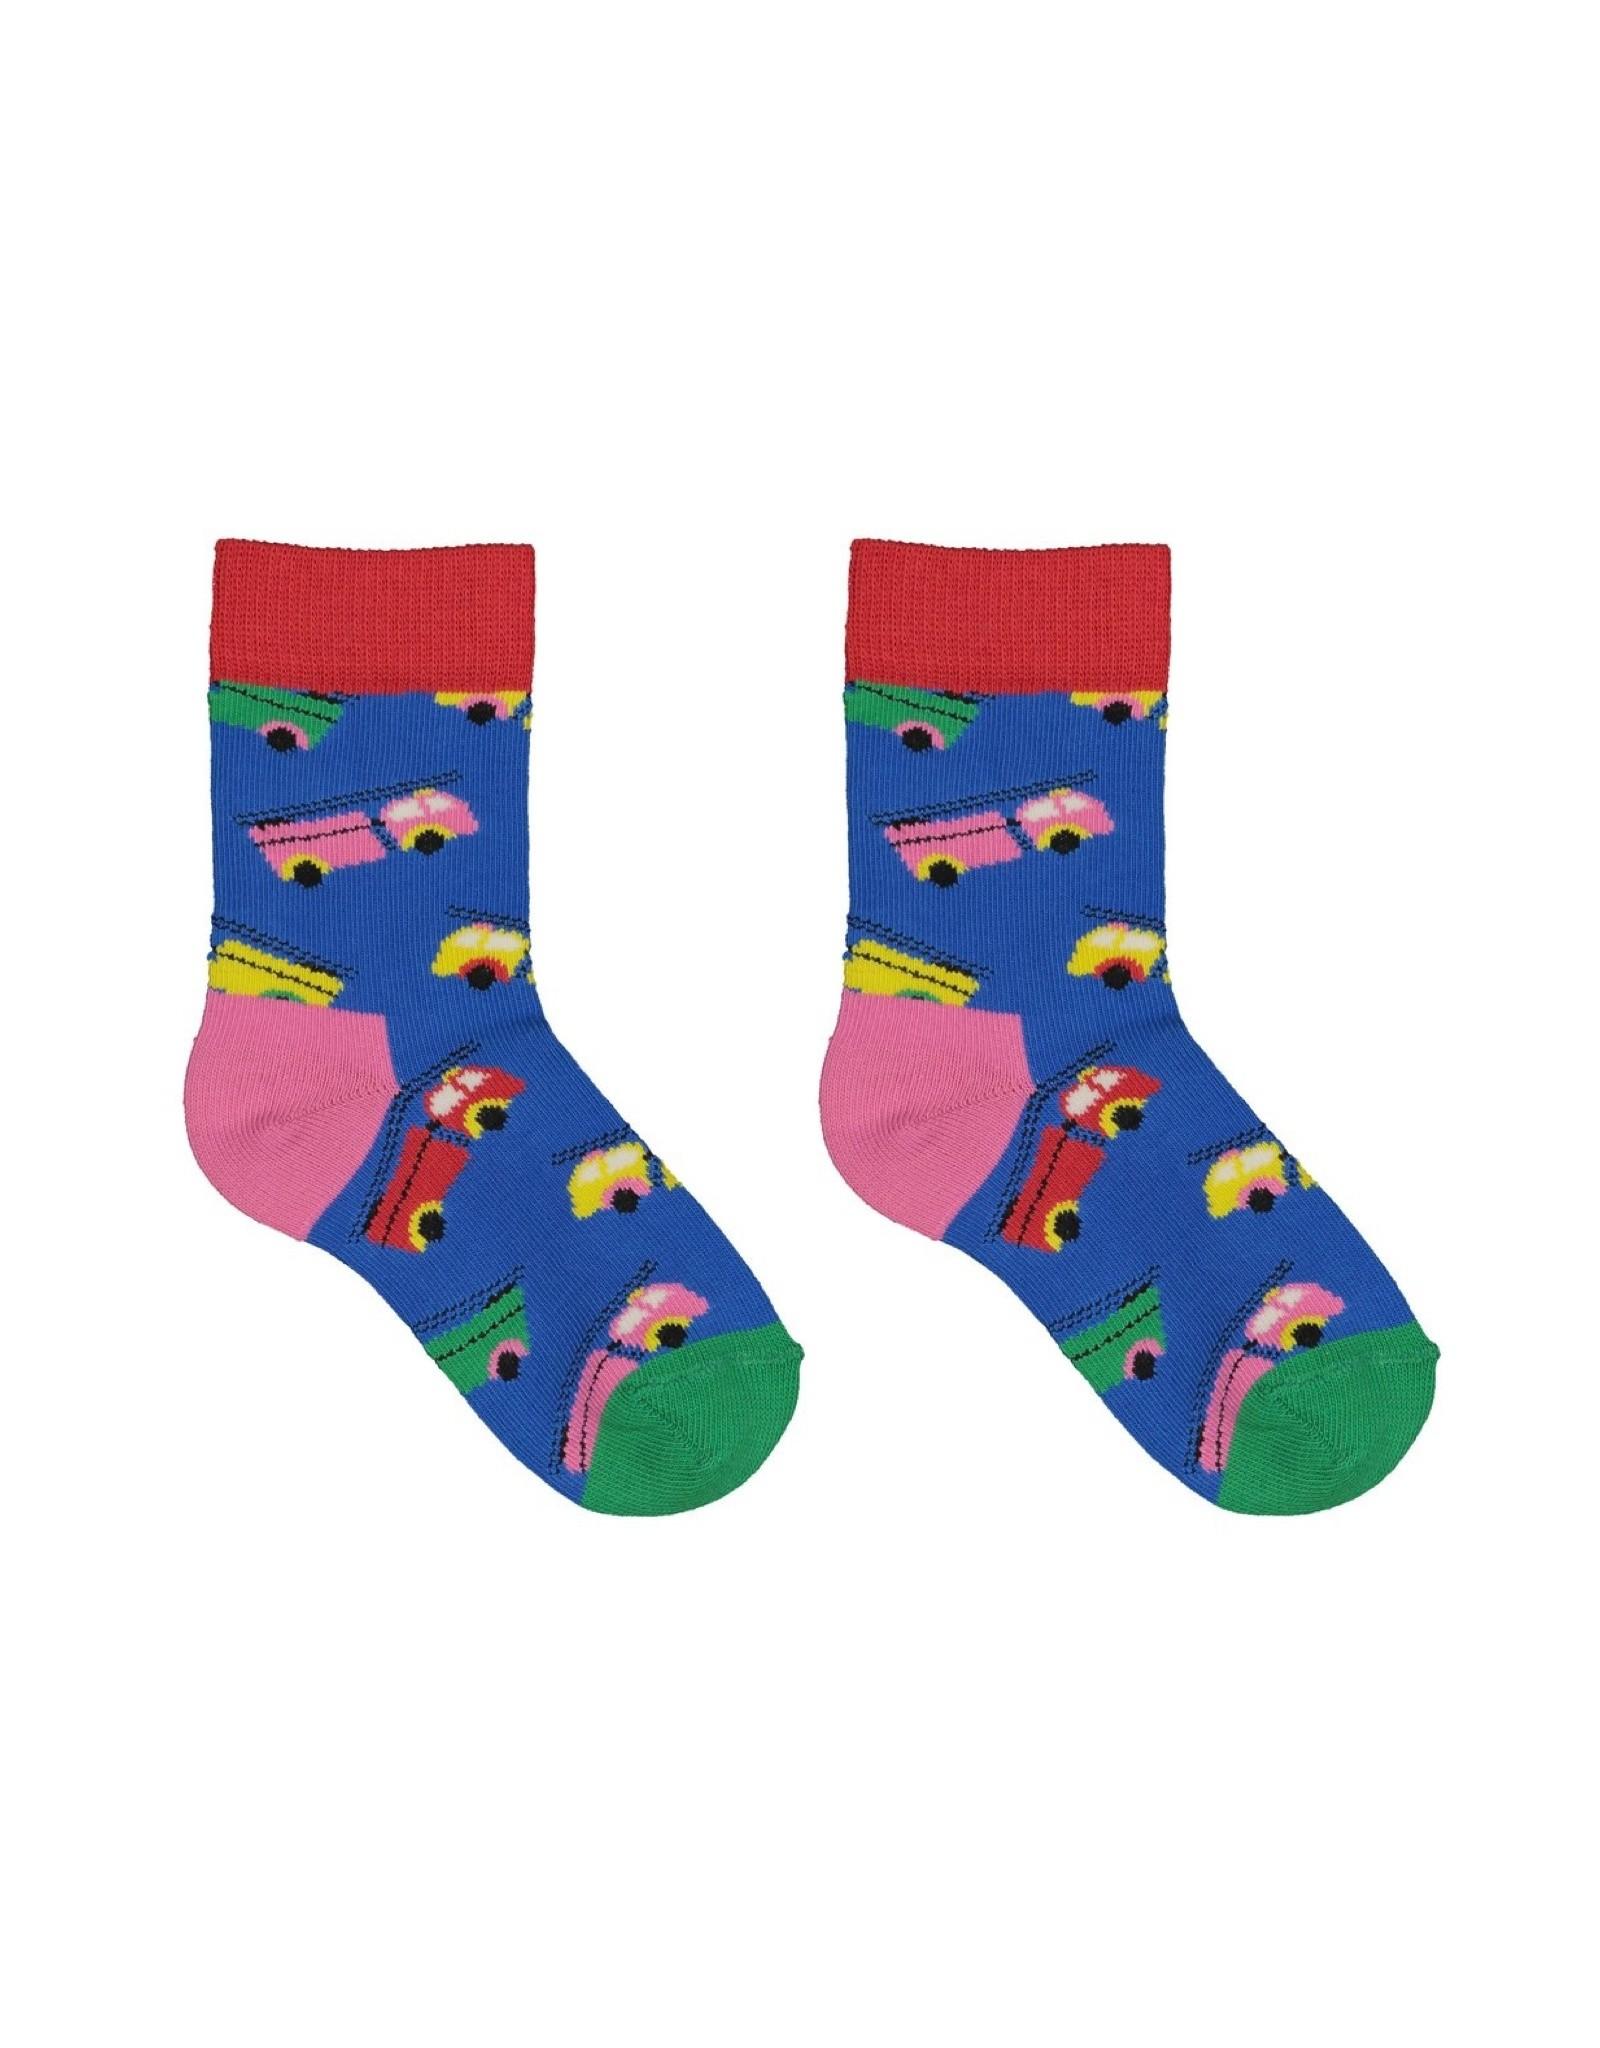 Happy Socks Fire Truck Socks